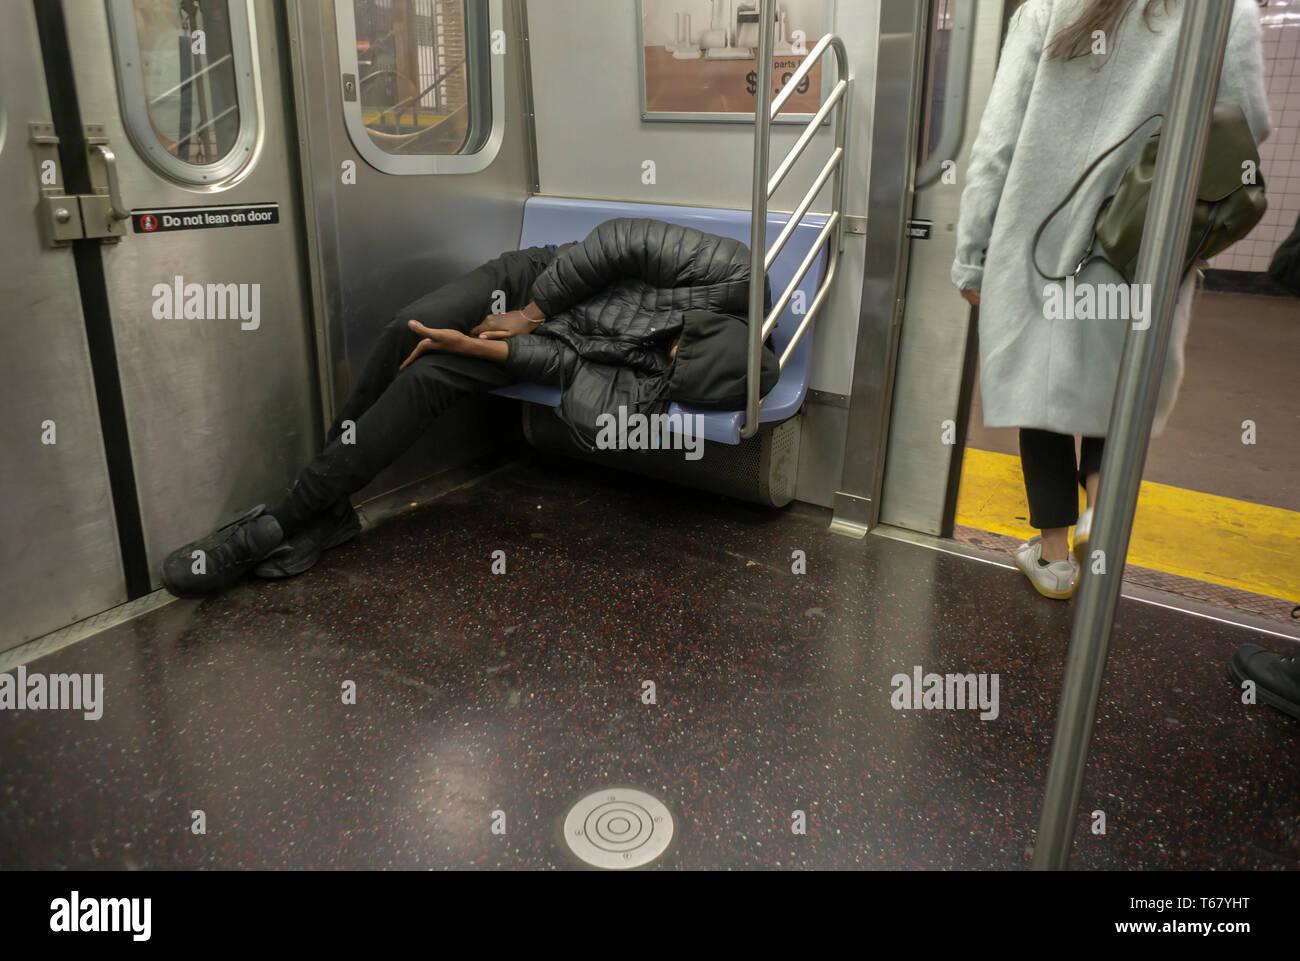 Eine obdachlose Person gesehen wird, schlafen auf einem Sitz in der U-Bahn in New York am Donnerstag, 18. April 2019. (© Richard B. Levine) Stockbild